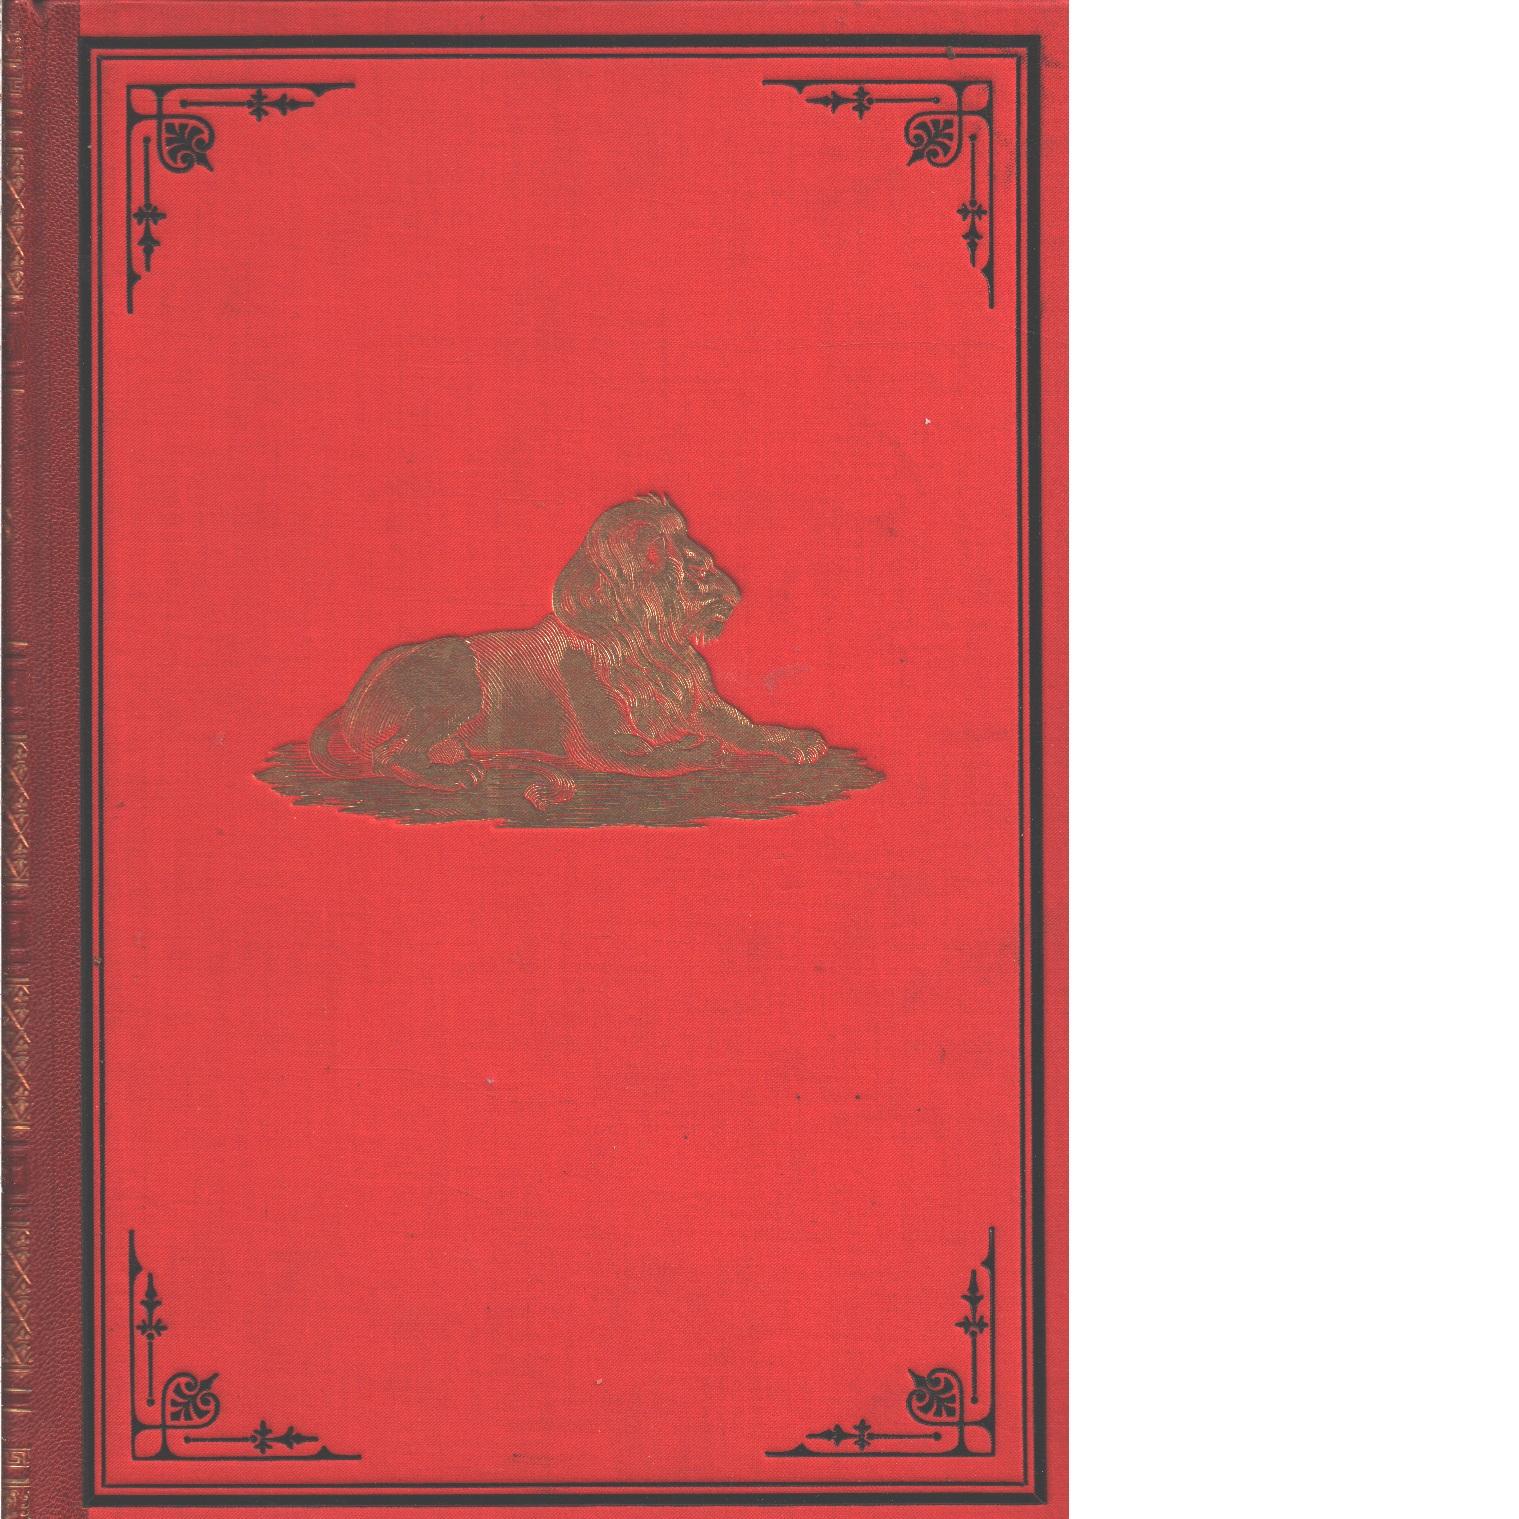 Däggdjurens lif : Med 265 afbildn - Brehm, Alfred